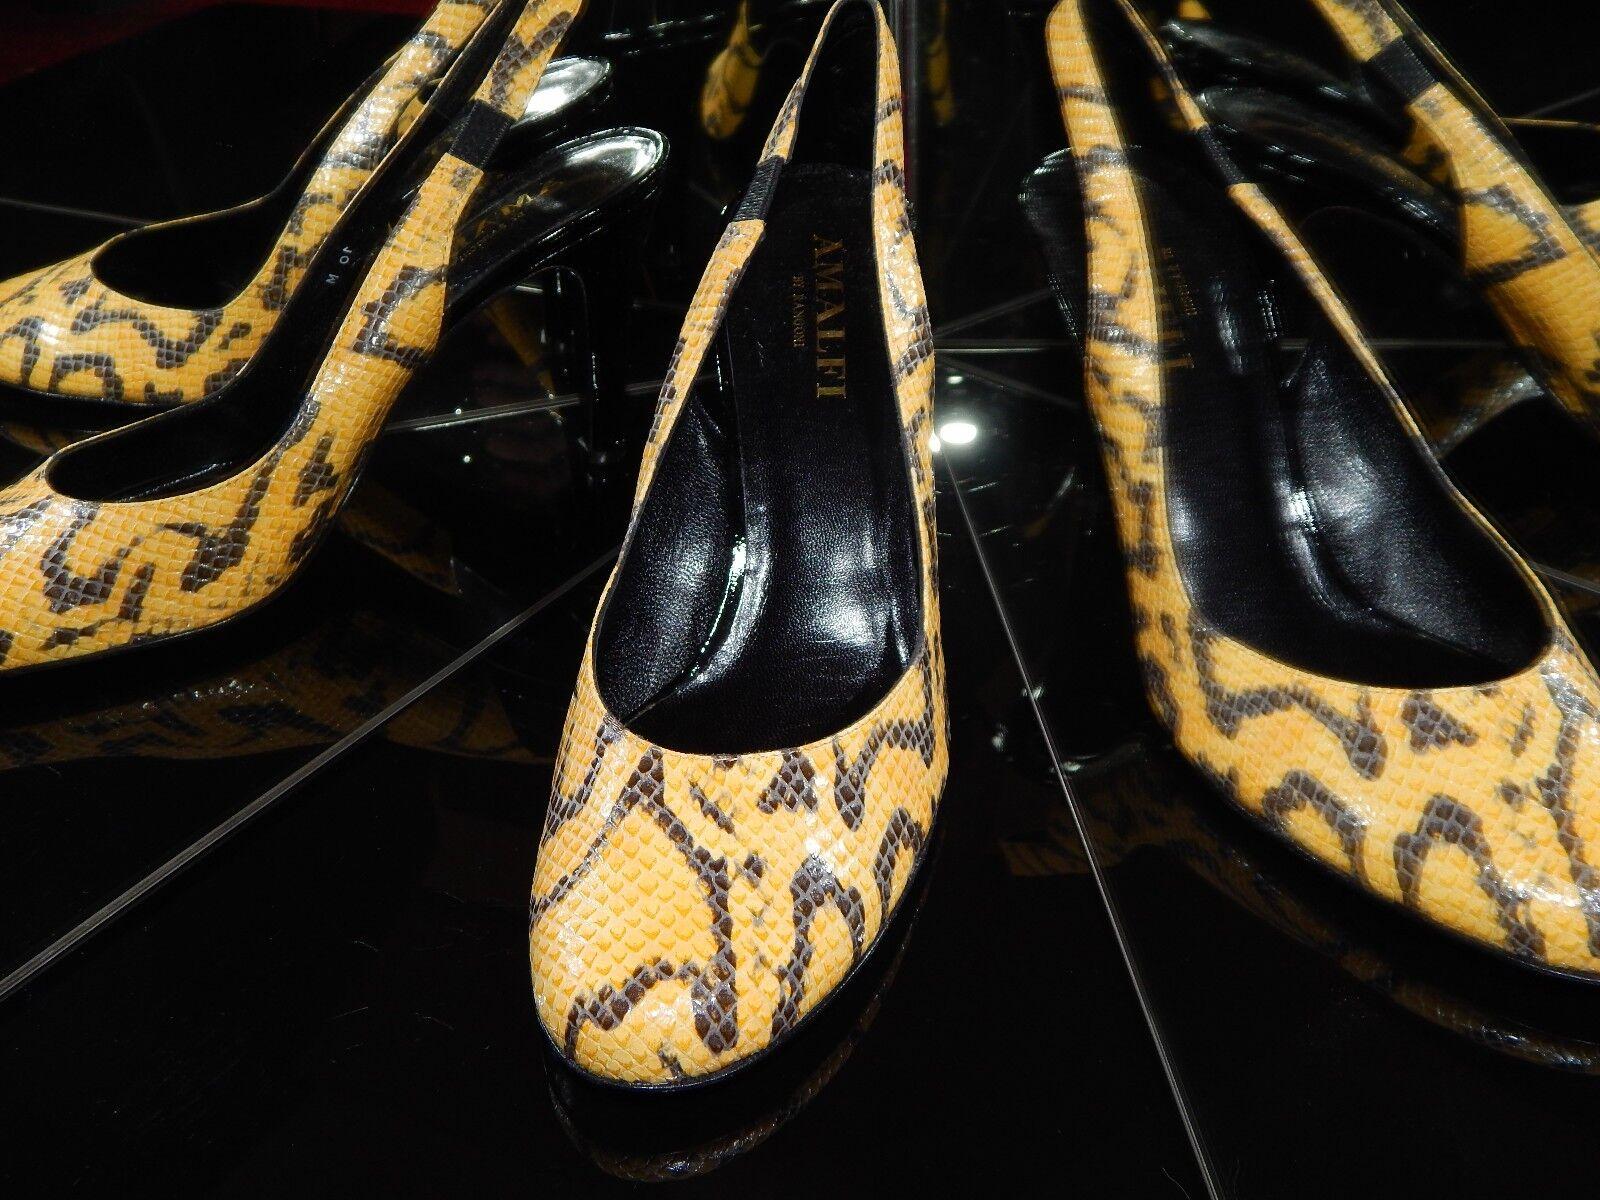 NIB AMALFI $238 Snakeskin pattern Slingback Heels LEATHER 10 B